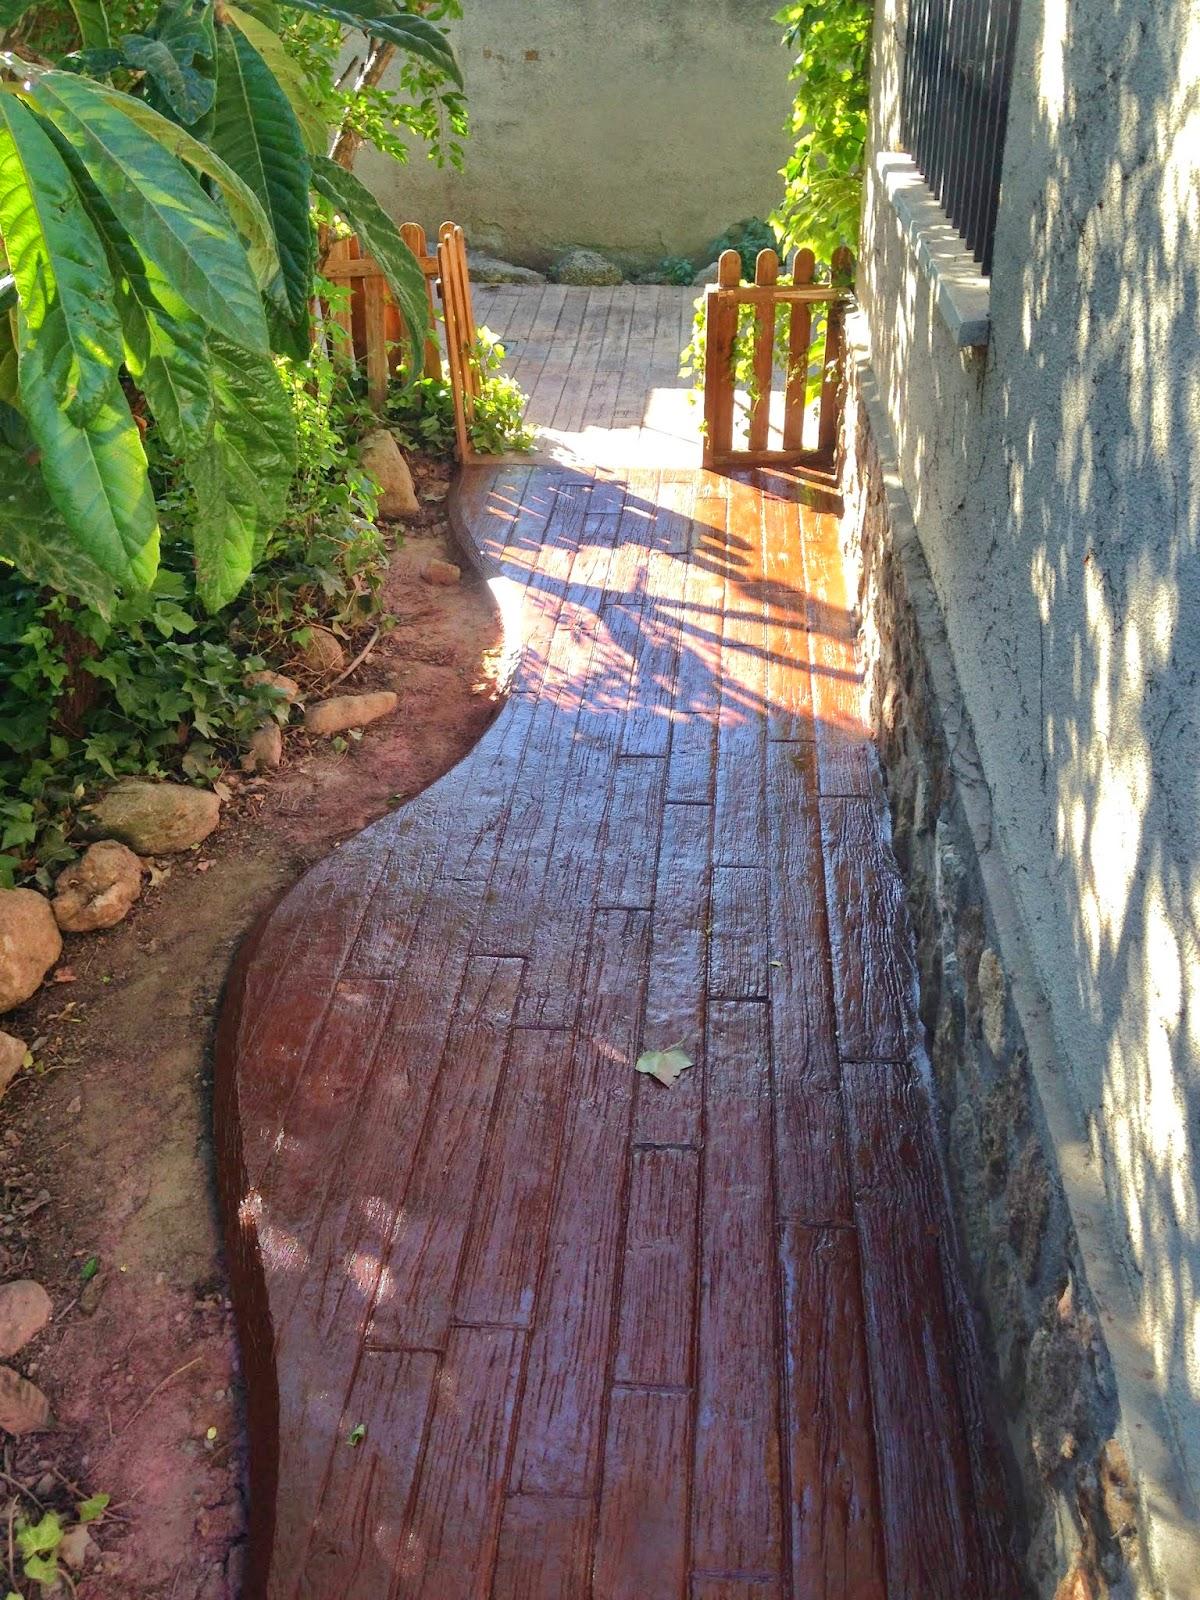 Pavimento de hormig n impreso en jard n en javea molde de - Pavimentos para jardin ...